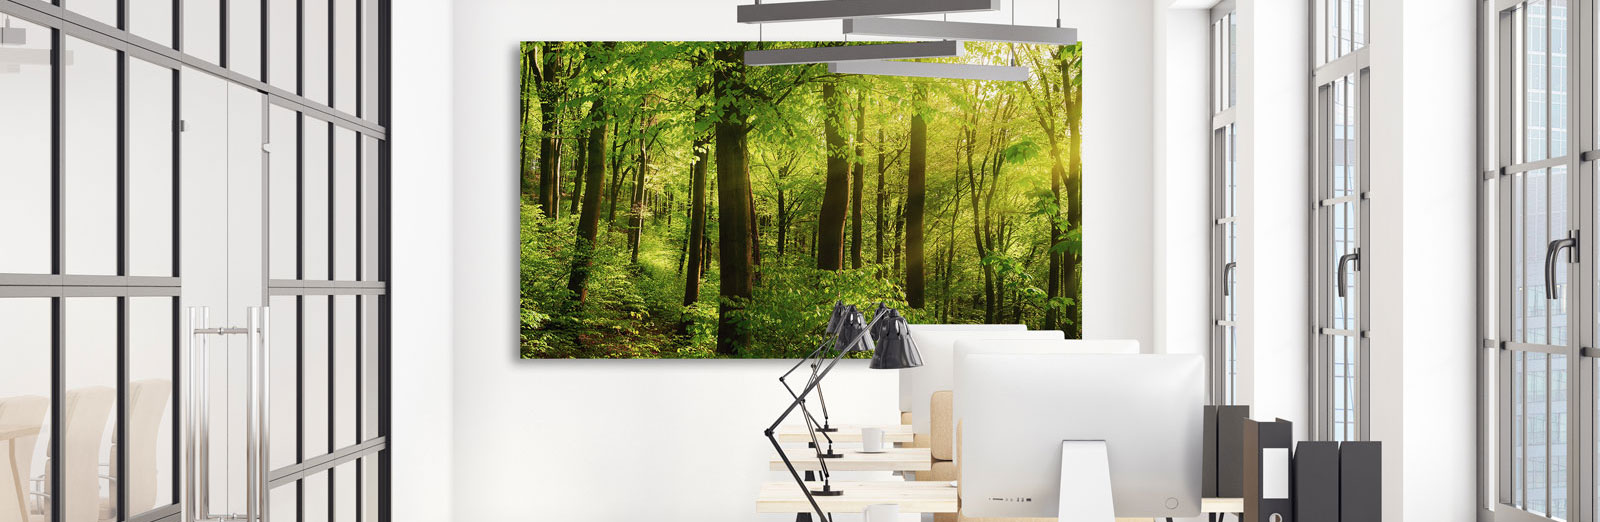 Akustikbilder bringen Ihnen sofort eine gute Raumakustik im Büro